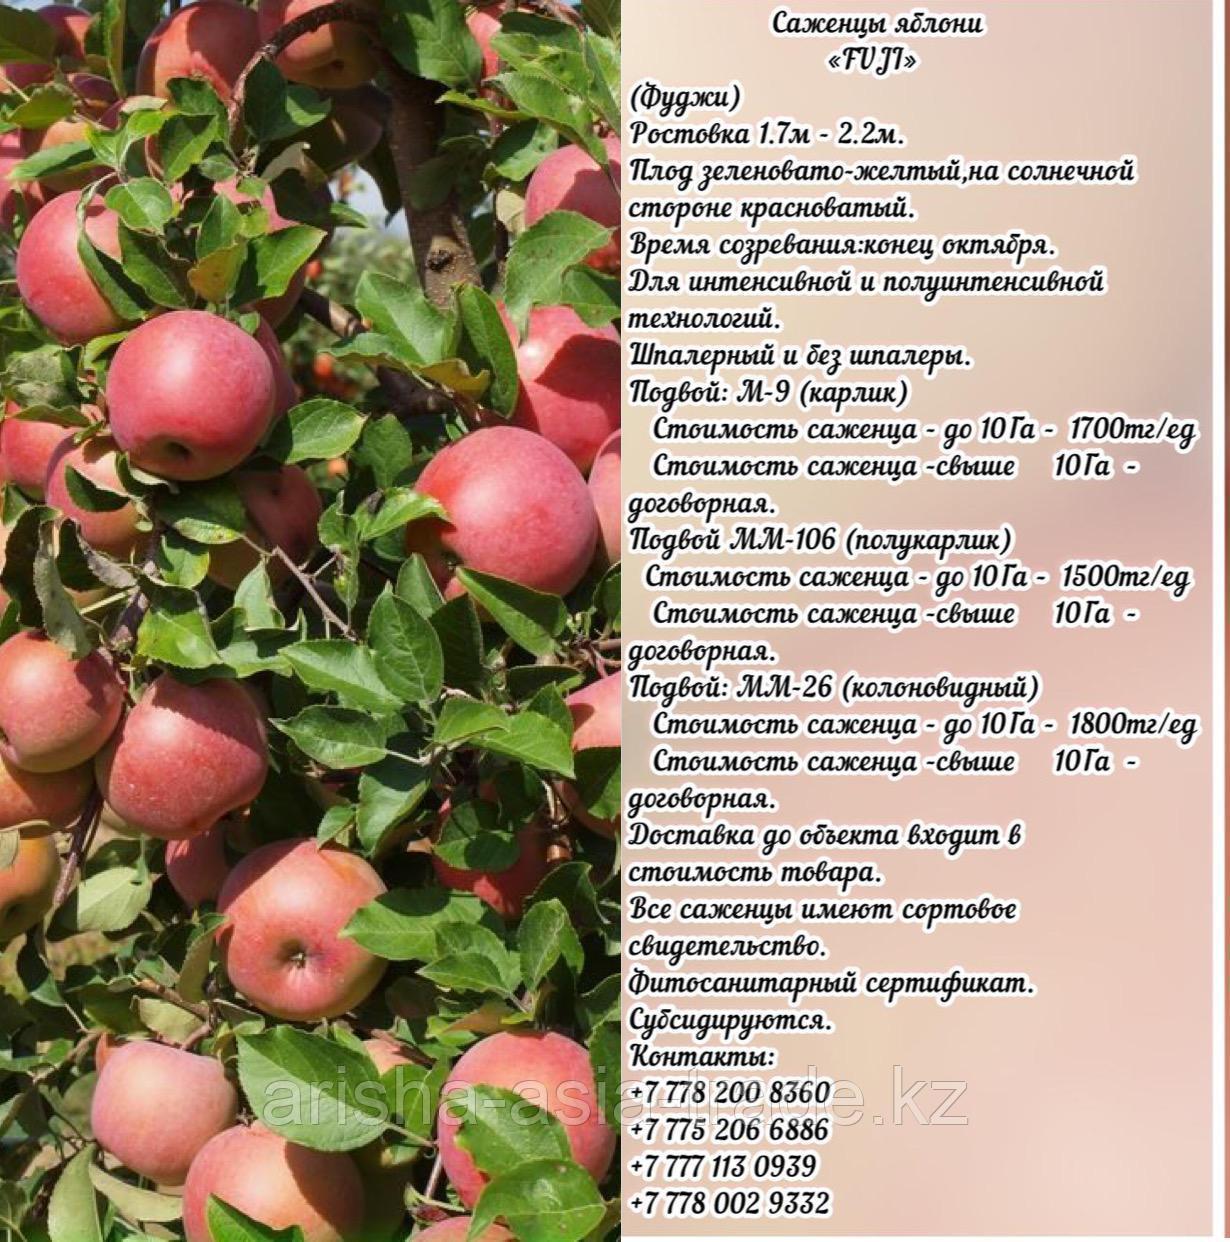 """Саженцы яблони """"Fuji""""  (Фуджи) подвой м 9 Сербия"""